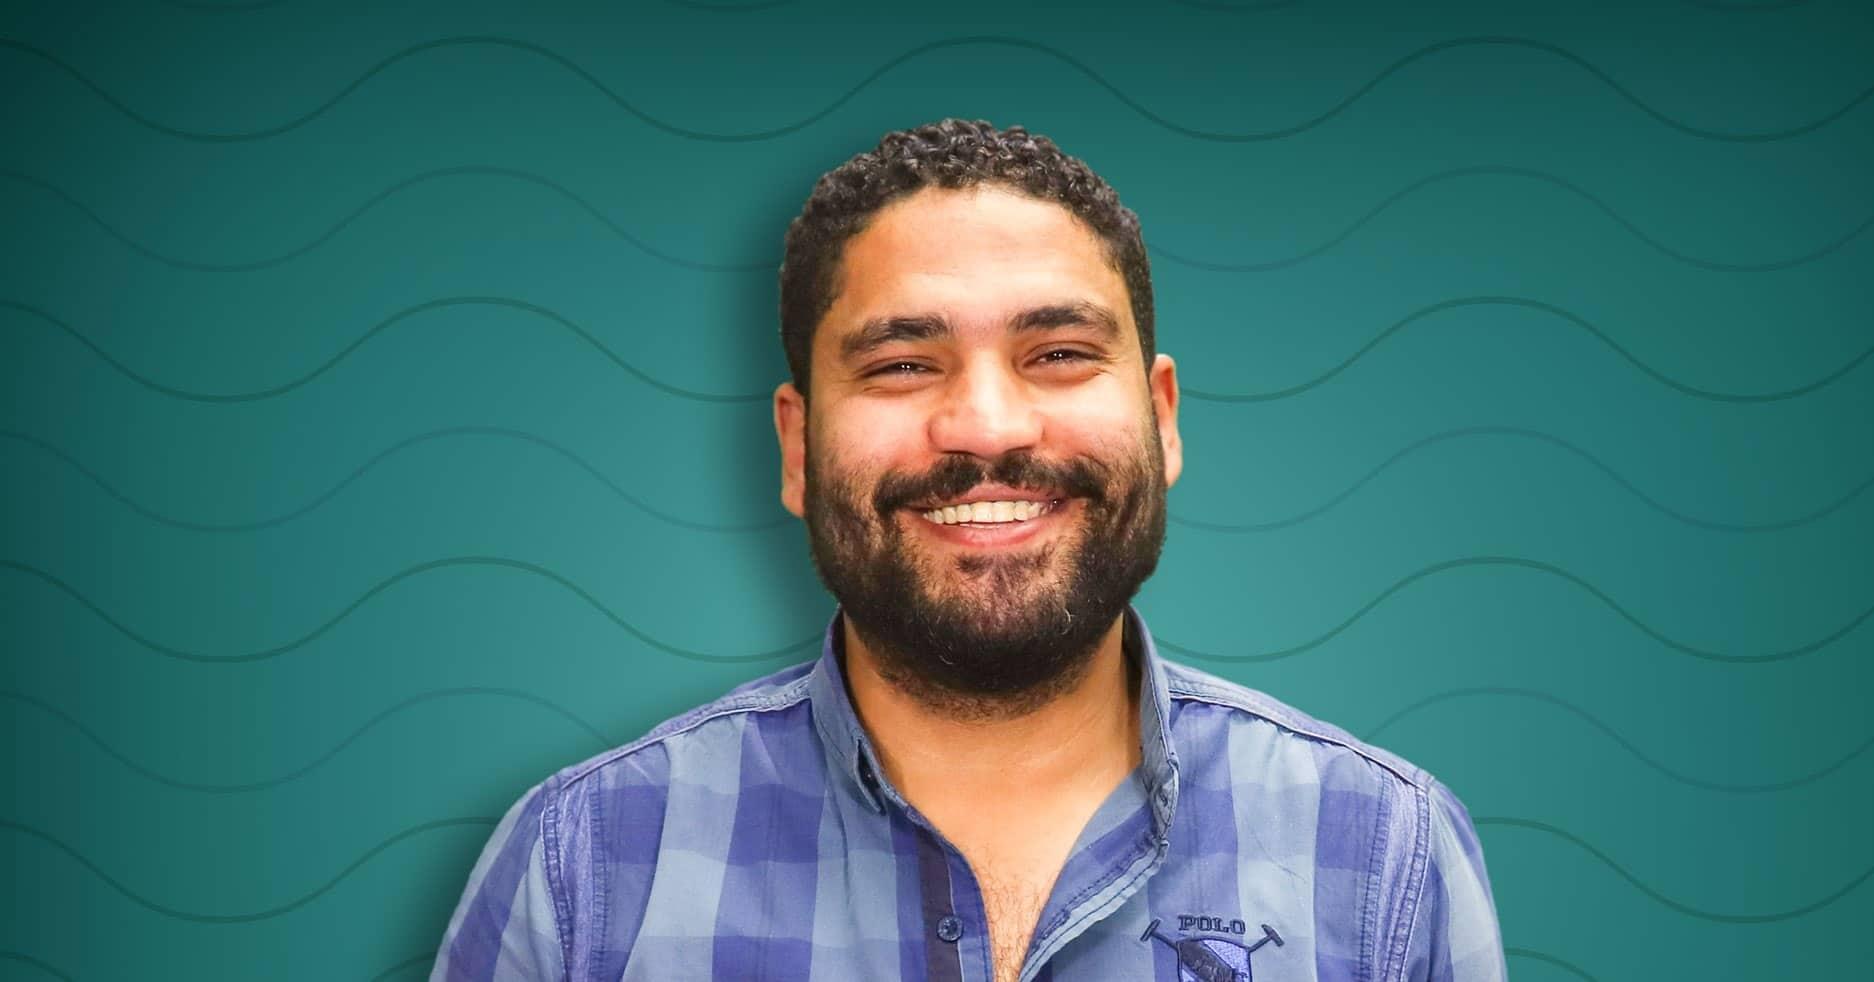 محمد مصطفى - نوفمبر 2019